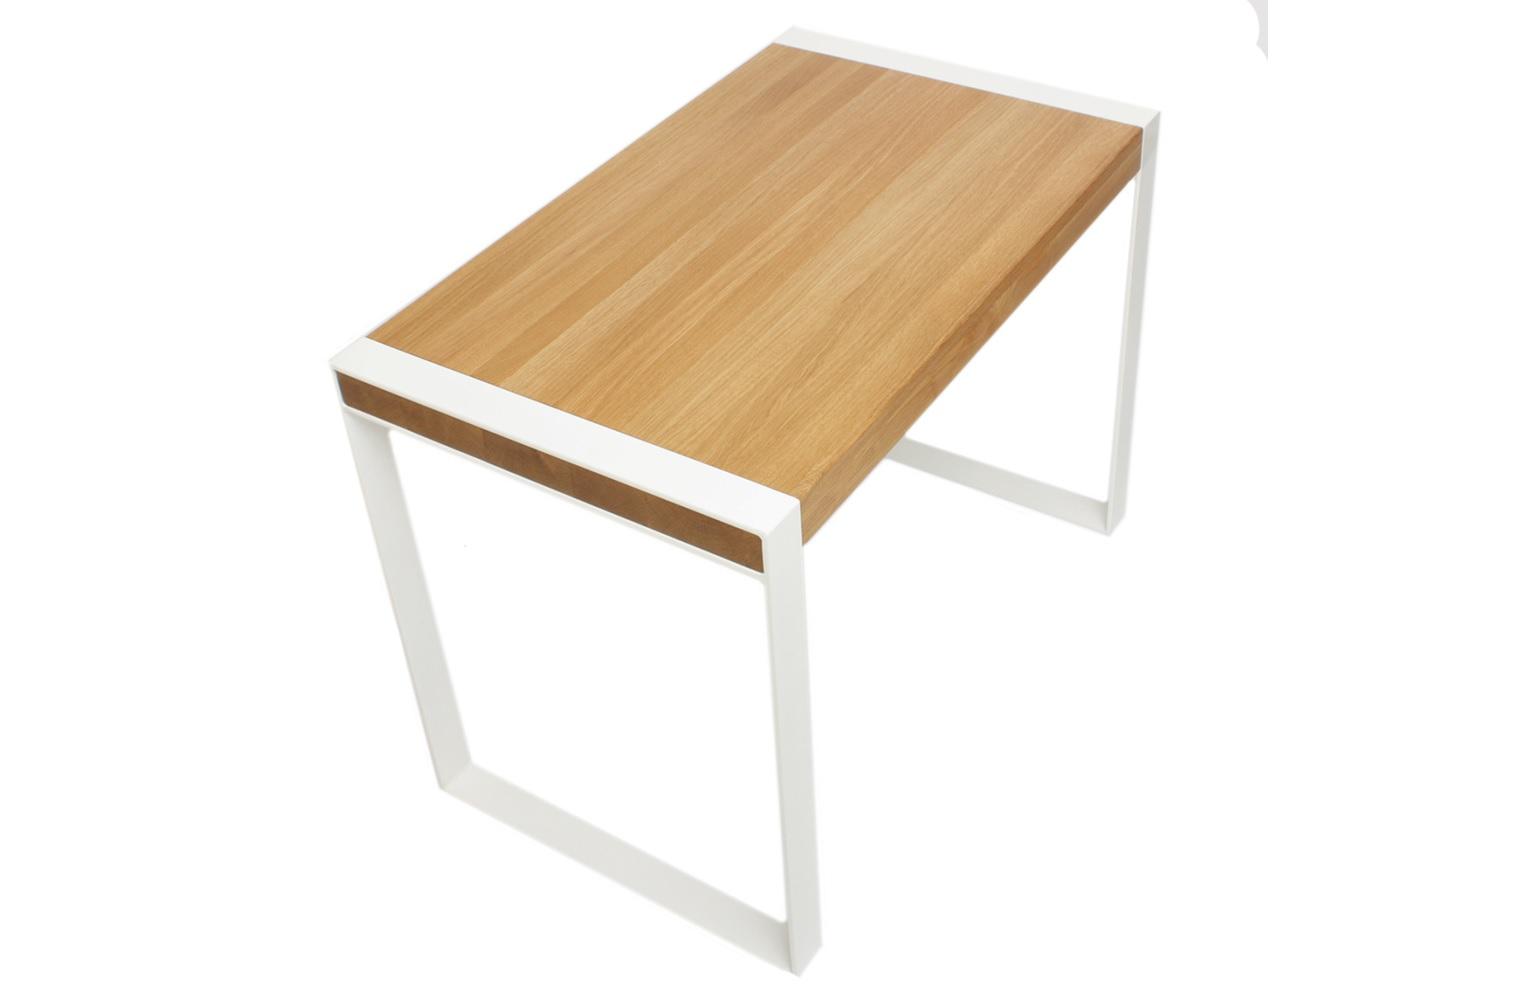 Стол ПаниусПисьменные столы<br>Массивная столешница из массива дуба на металлических ножках. Простой, надежный и современный стол.<br><br>Material: Дерево<br>Ширина см: 120<br>Высота см: 75<br>Глубина см: 70